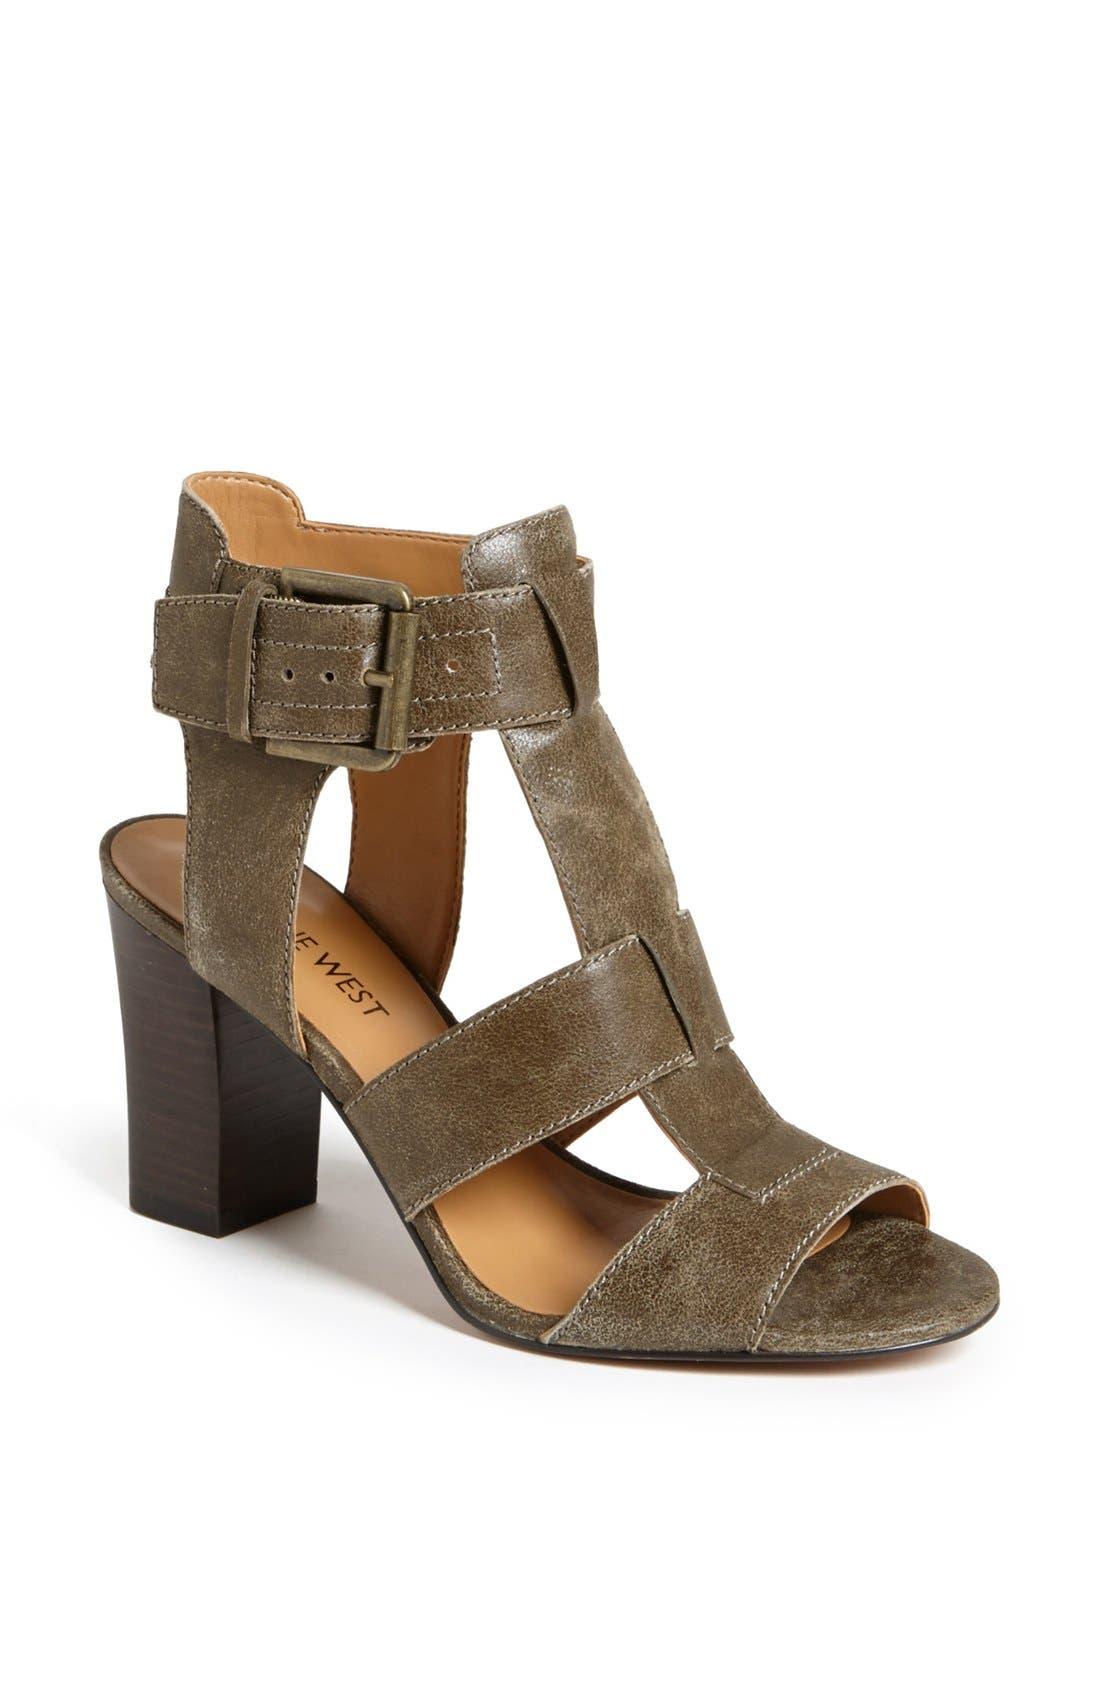 Alternate Image 1 Selected - Nine West 'Jerianne' Sandal